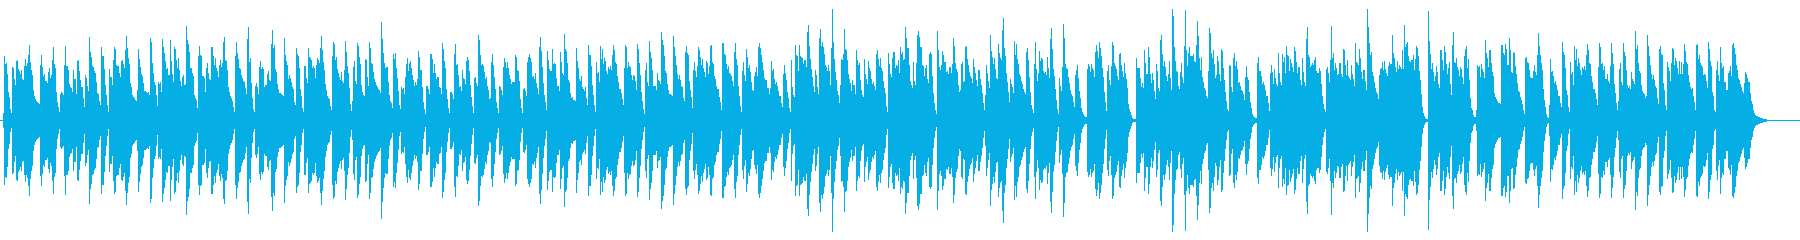 アドリブ感のある軽快で明るいピアノ曲の再生済みの波形